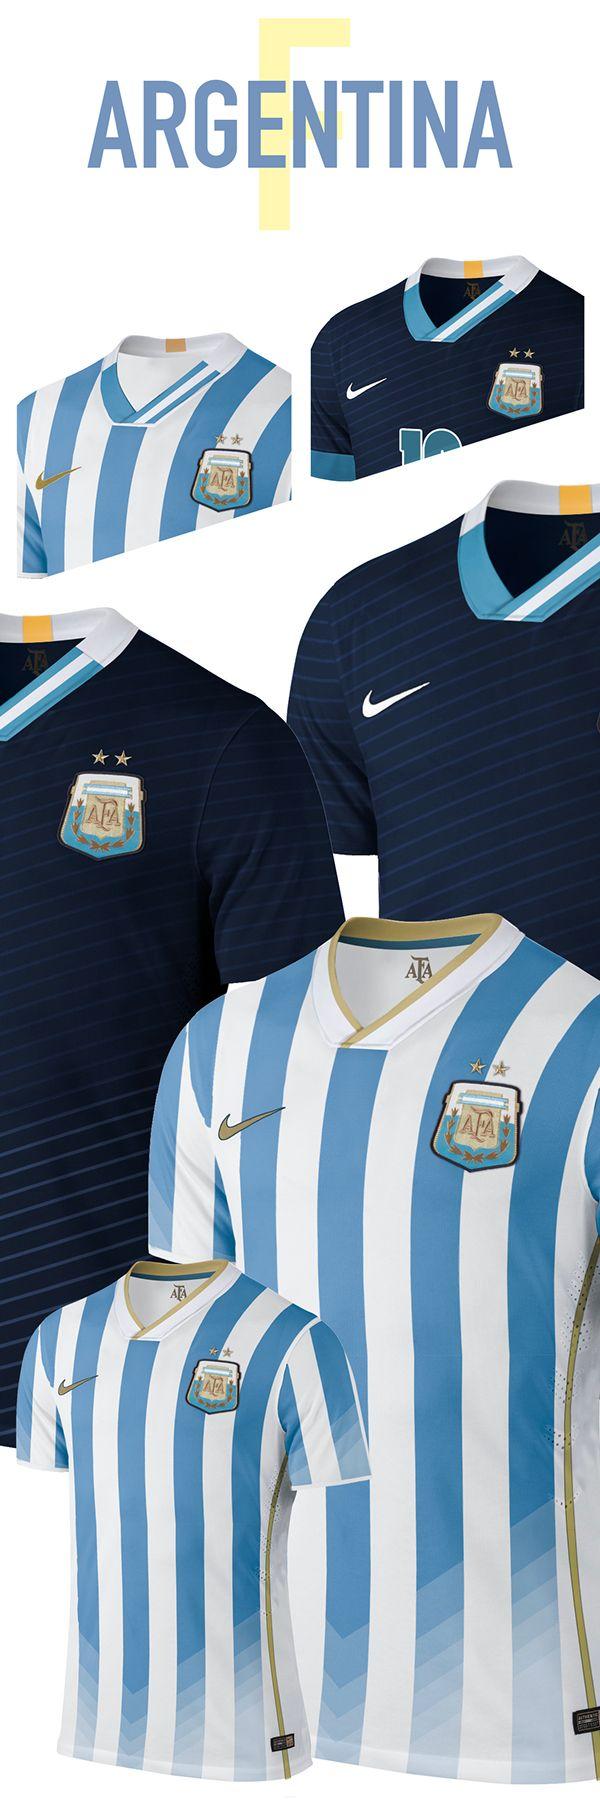 Estos son los uniformes de Argentina para la Copa Mundial. Los aficionados de Argentina quieren éstos. A mí me gusta los uniformes tambien.